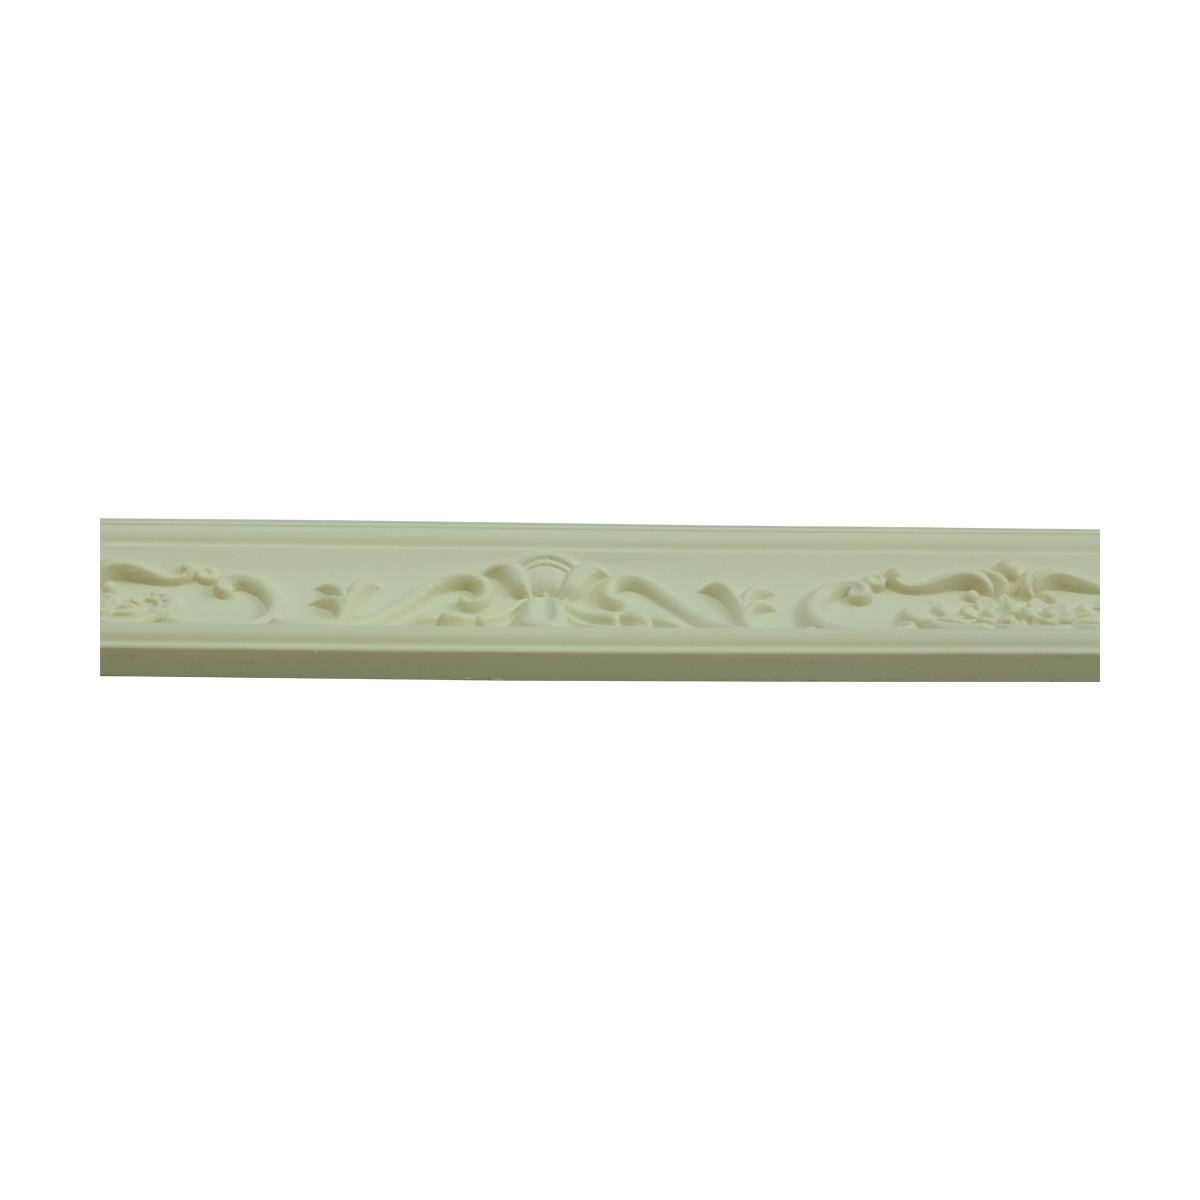 Ornate Cornice White Urethane Lake Oswego  94 14 L Cornice Cornice Moulding Cornice Molding